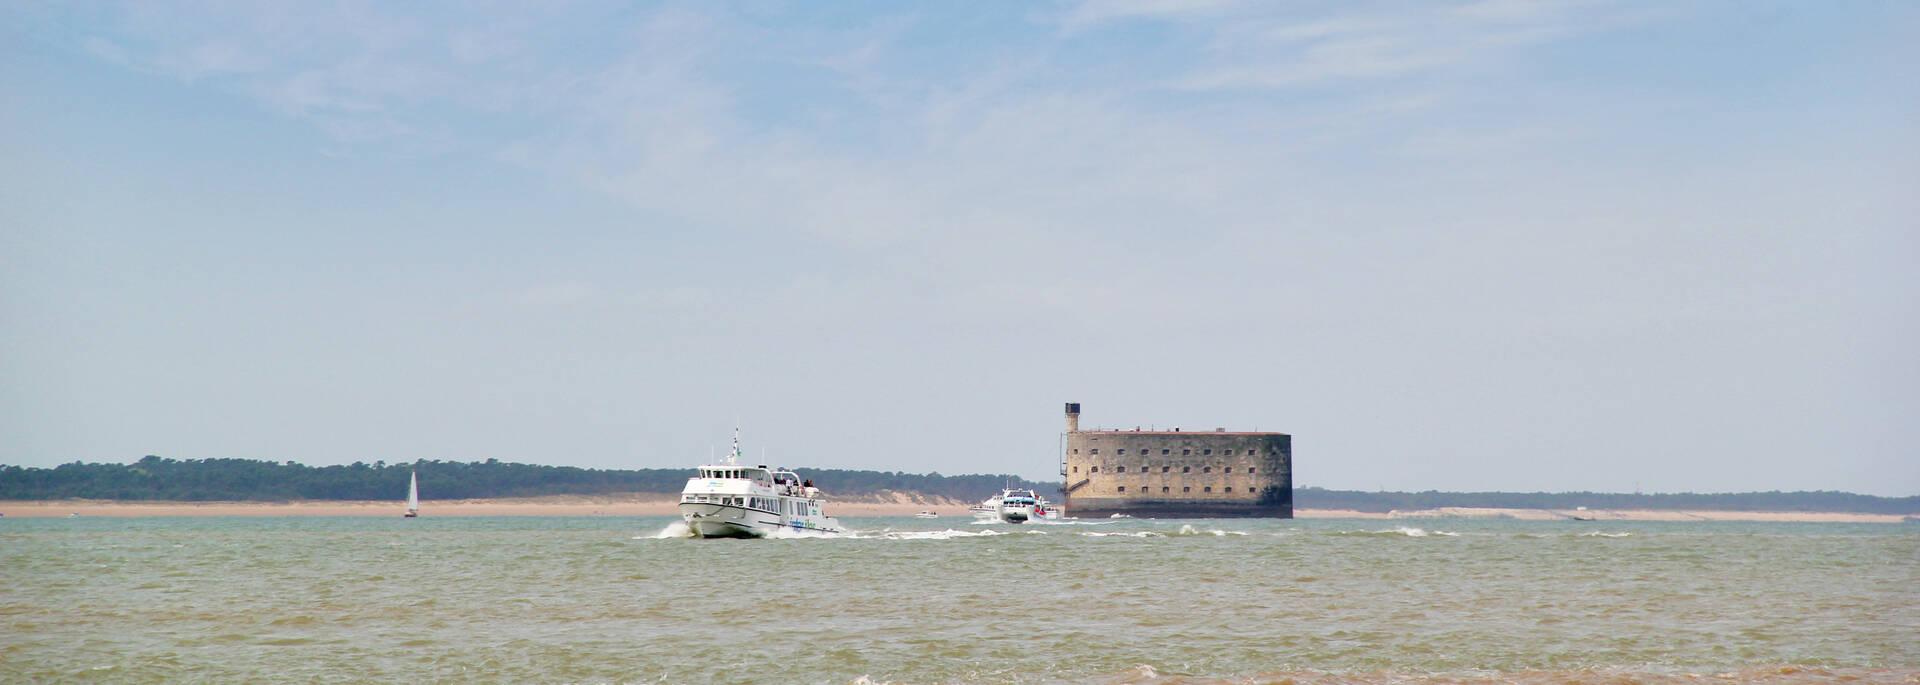 Depuis Fouras ou Port des Barques, embarquez pour une croisière autour du Fort Boyard - © Office de tourisme rochefort Océan